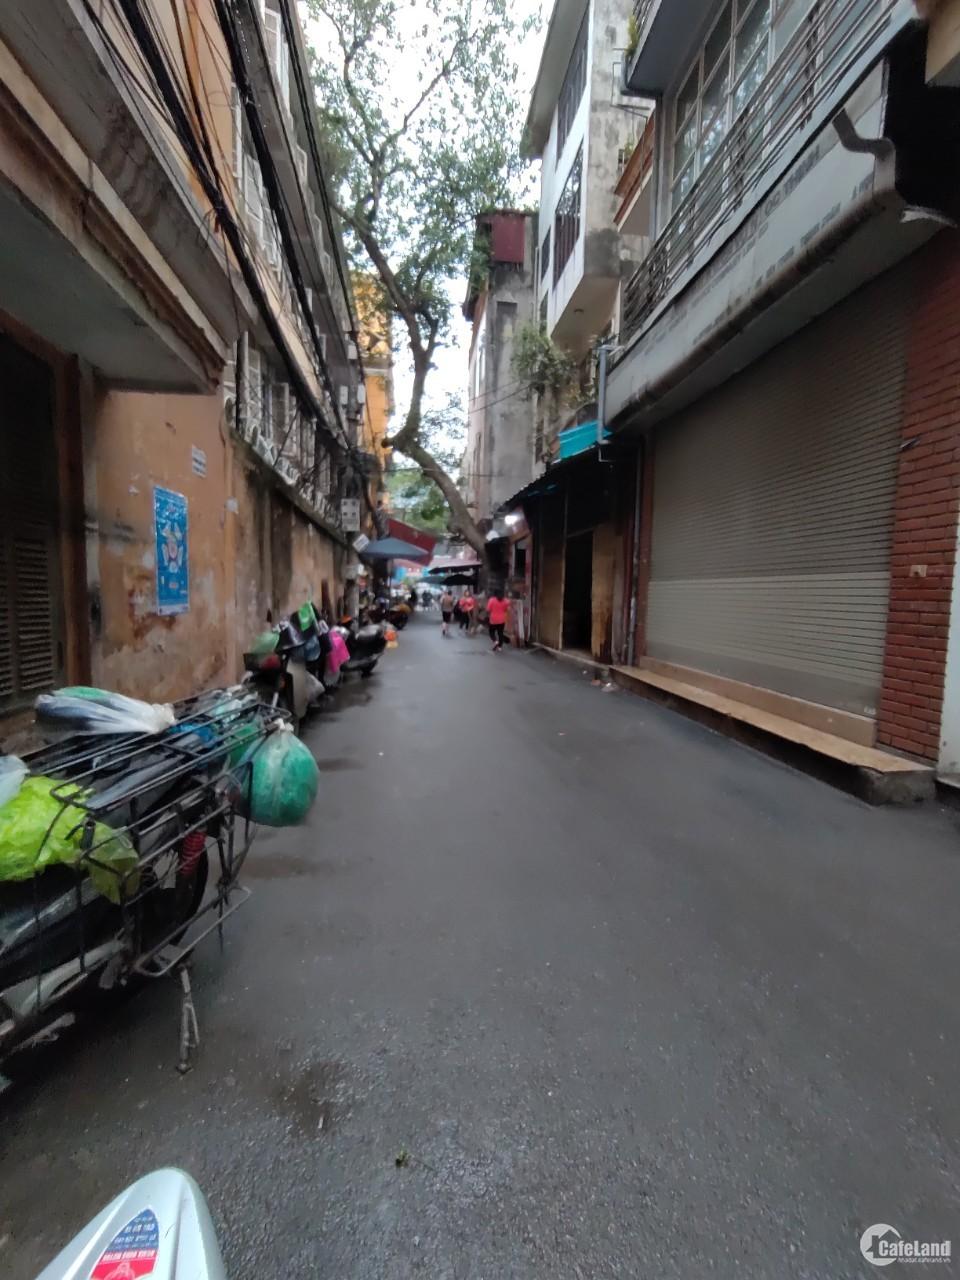 Bán nhà mặt ngõ KD Nguyễn Trãi, thoáng vĩnh viễn, 51m2, 5 tầng, MT 5.5m, giá